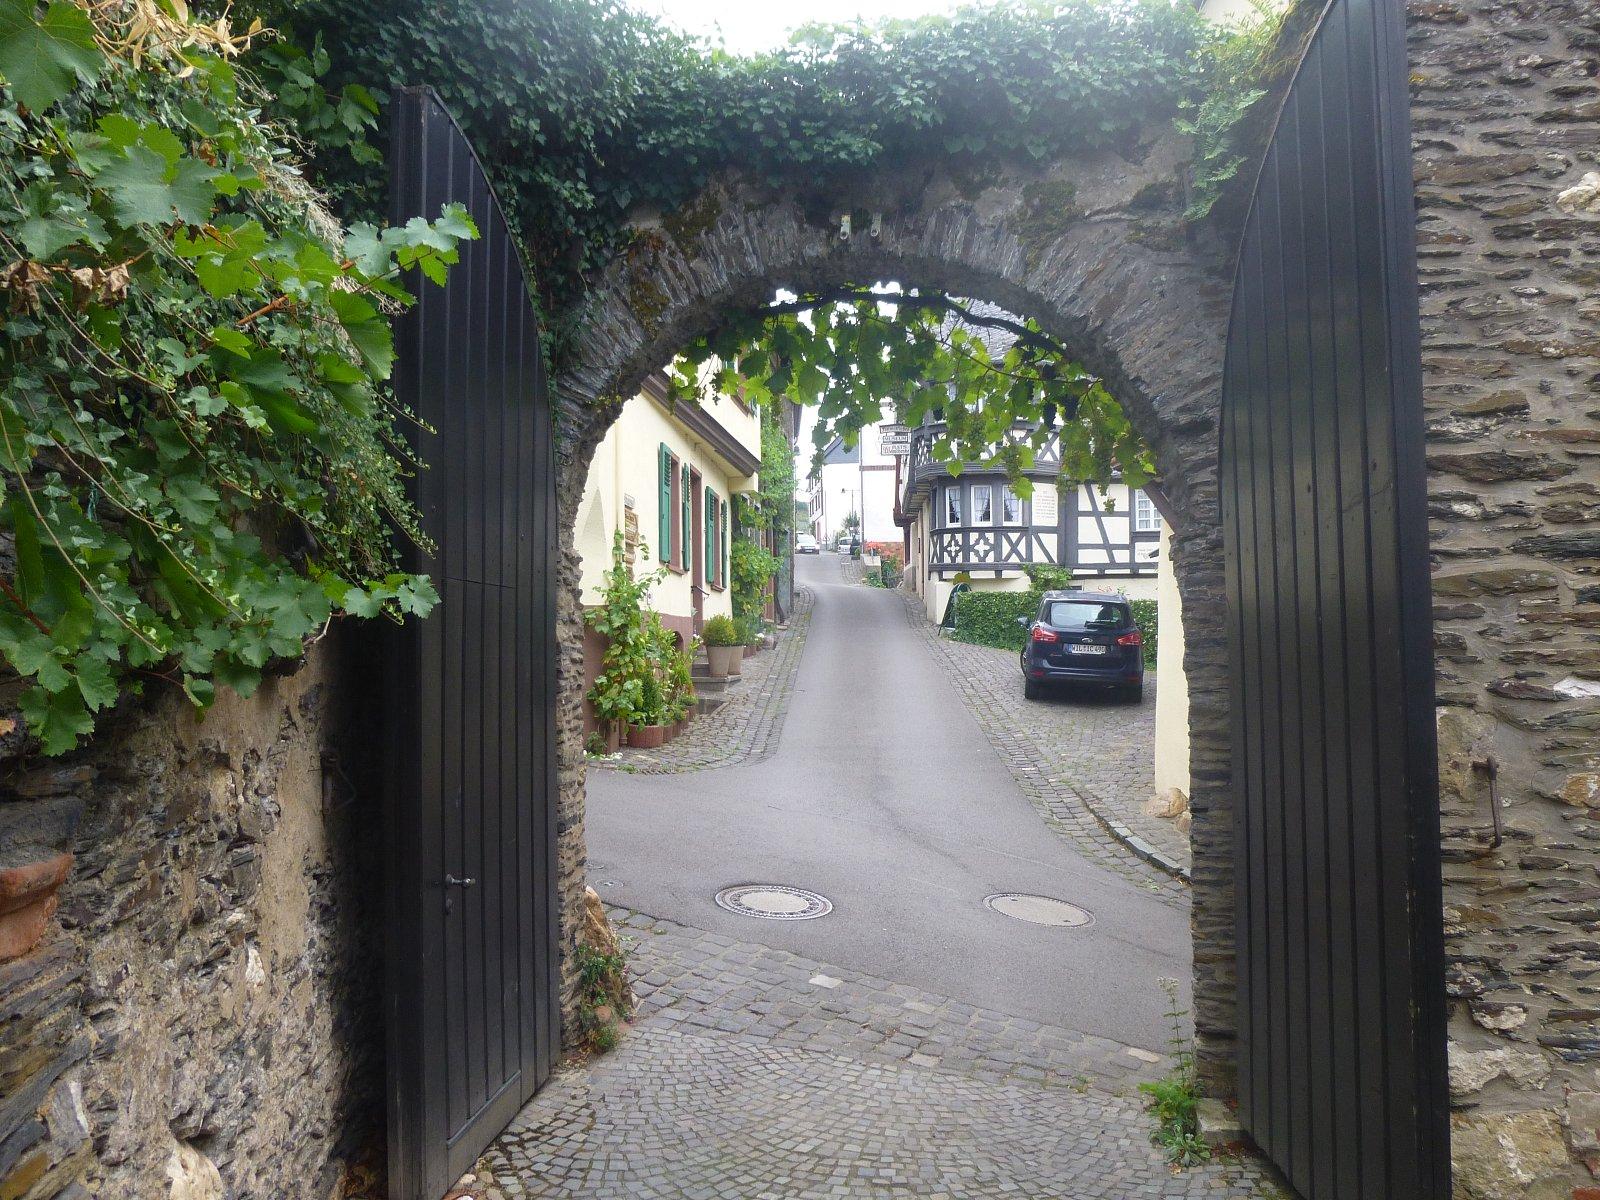 Weingut Ruess-Röchling in Richtung Ratsweinschenke